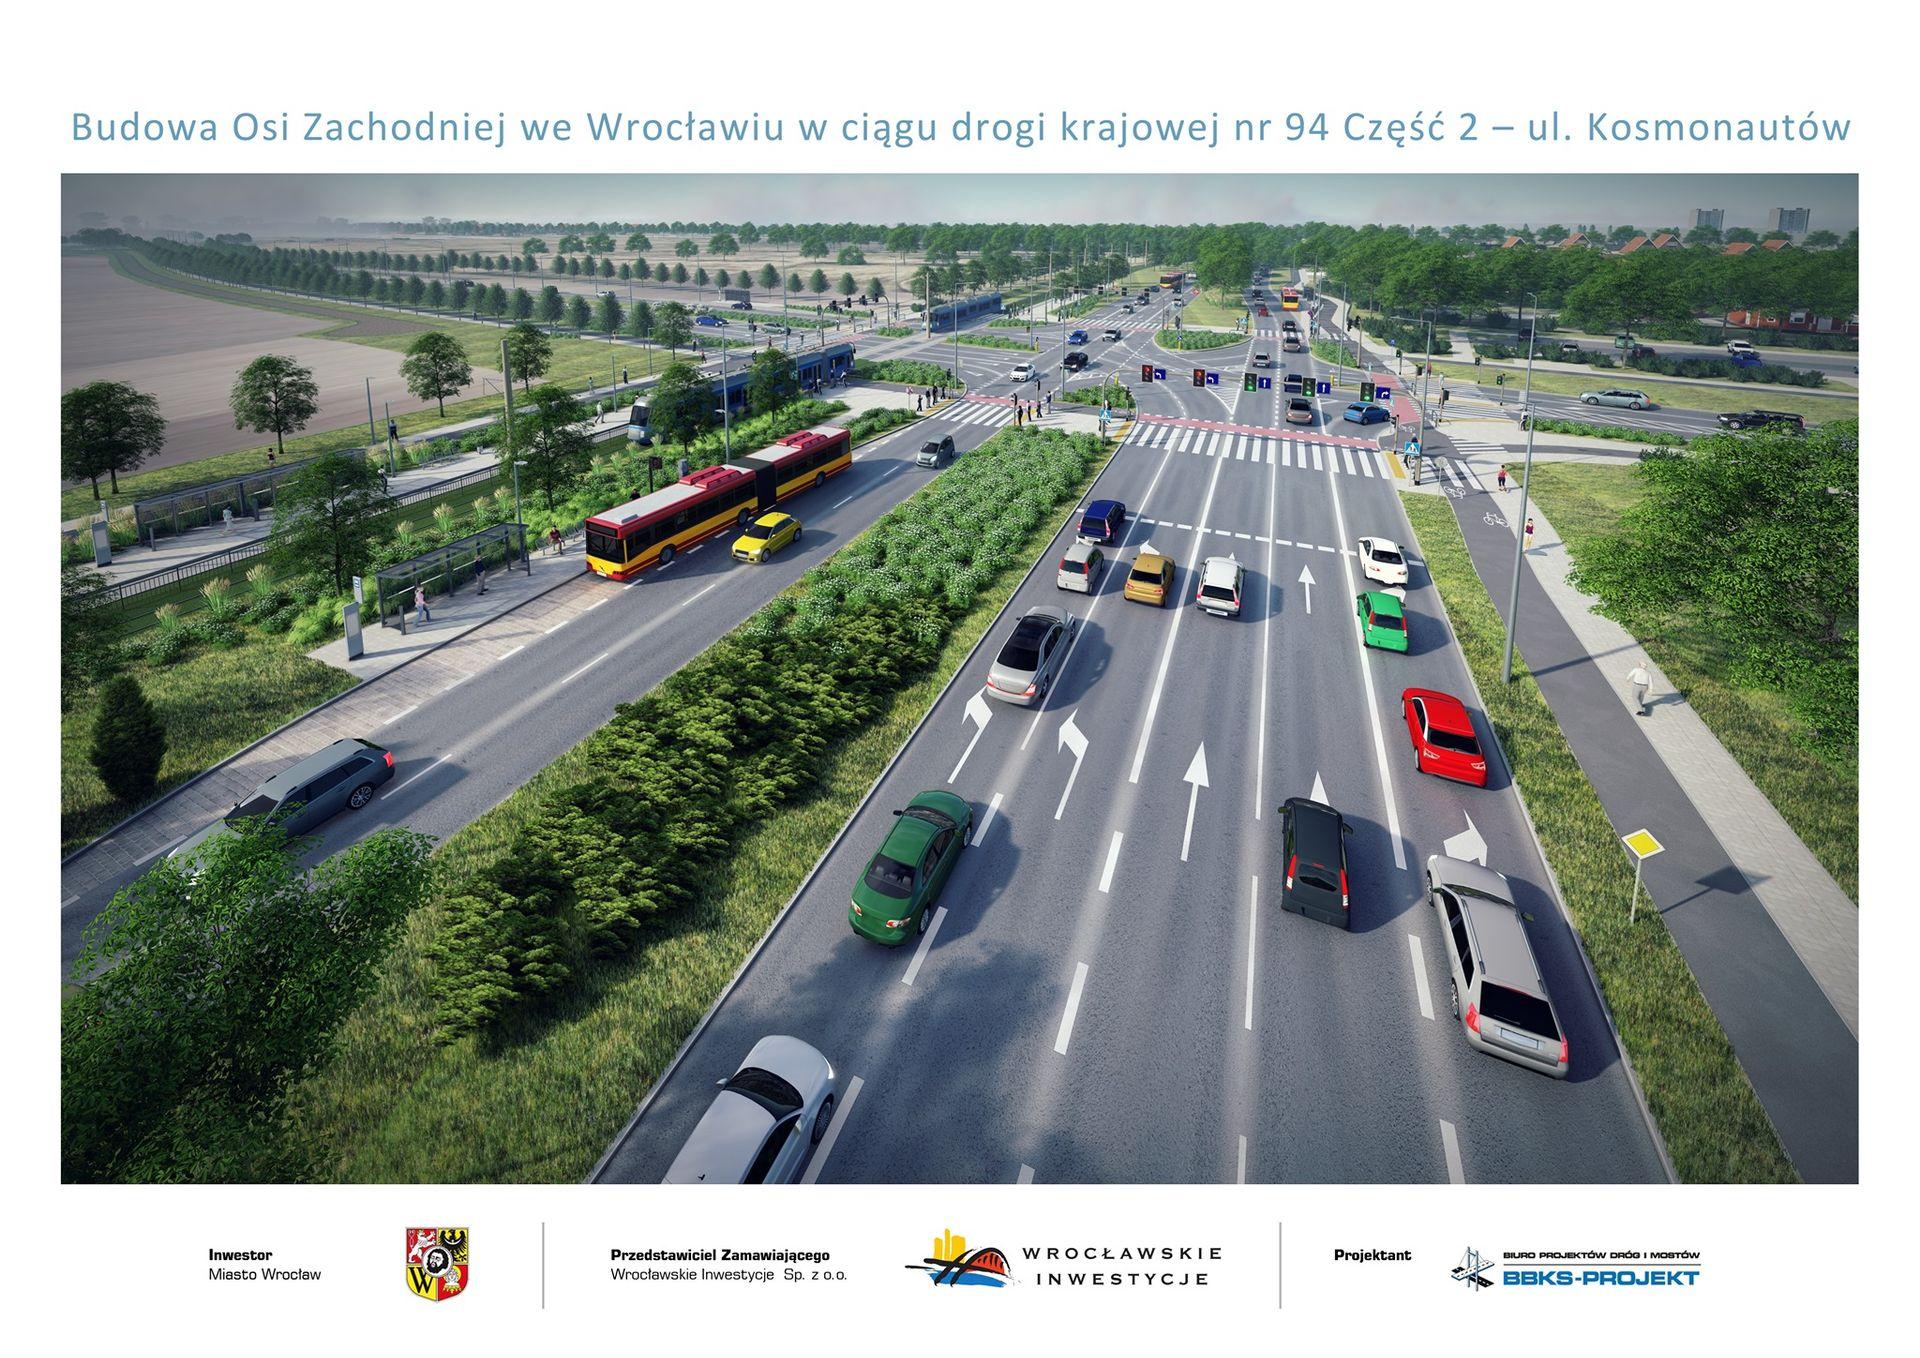 Wrocław: Ruszy budowa Alei Stabłowickiej. Znamy wykonawcę wielomilionowej inwestycji